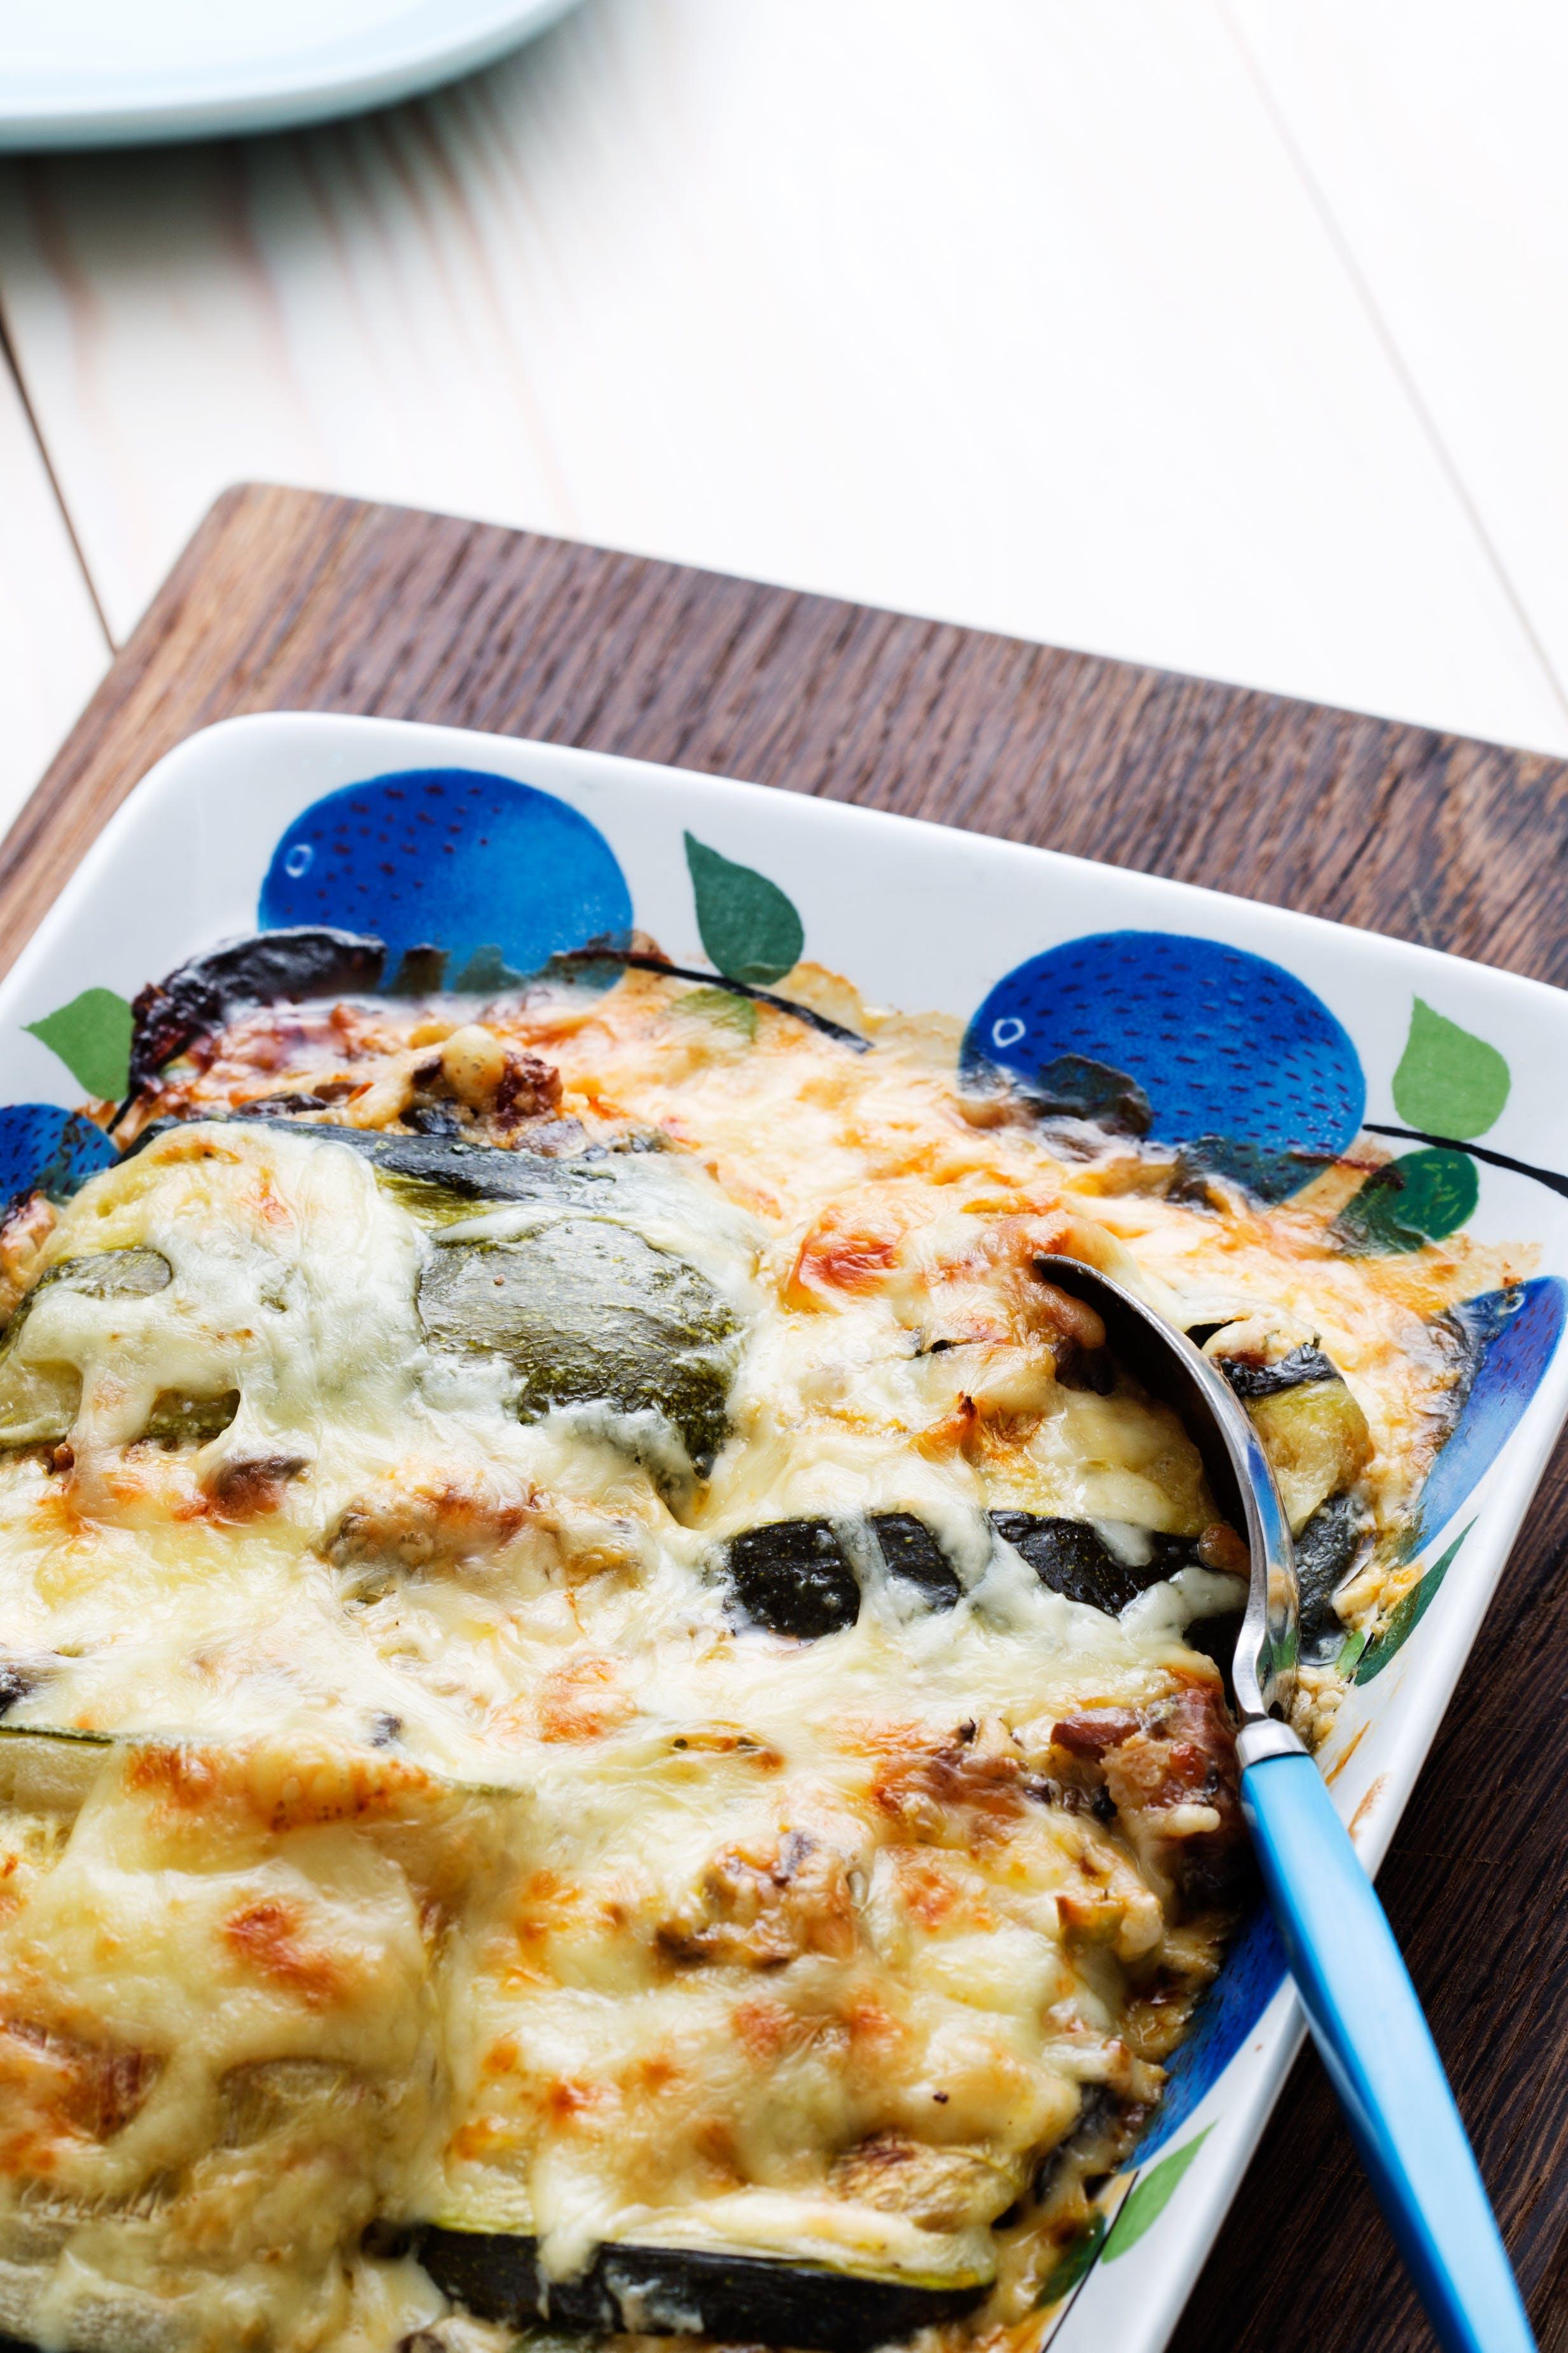 Rollos de calabacín con chorizo<br />(Almuerzo)